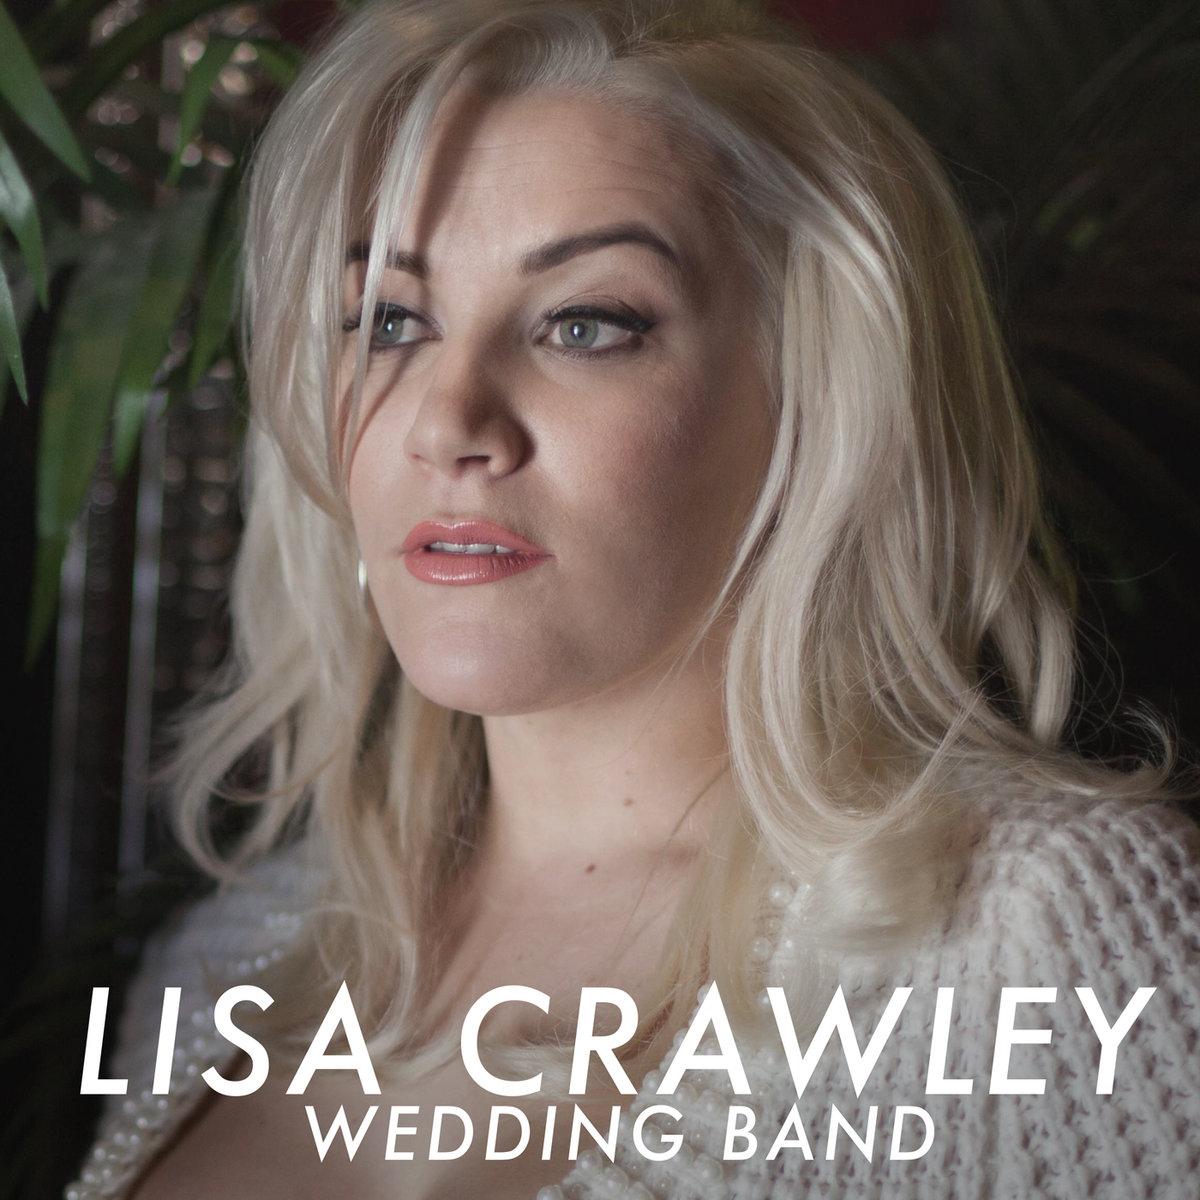 wedding band lisa crawley